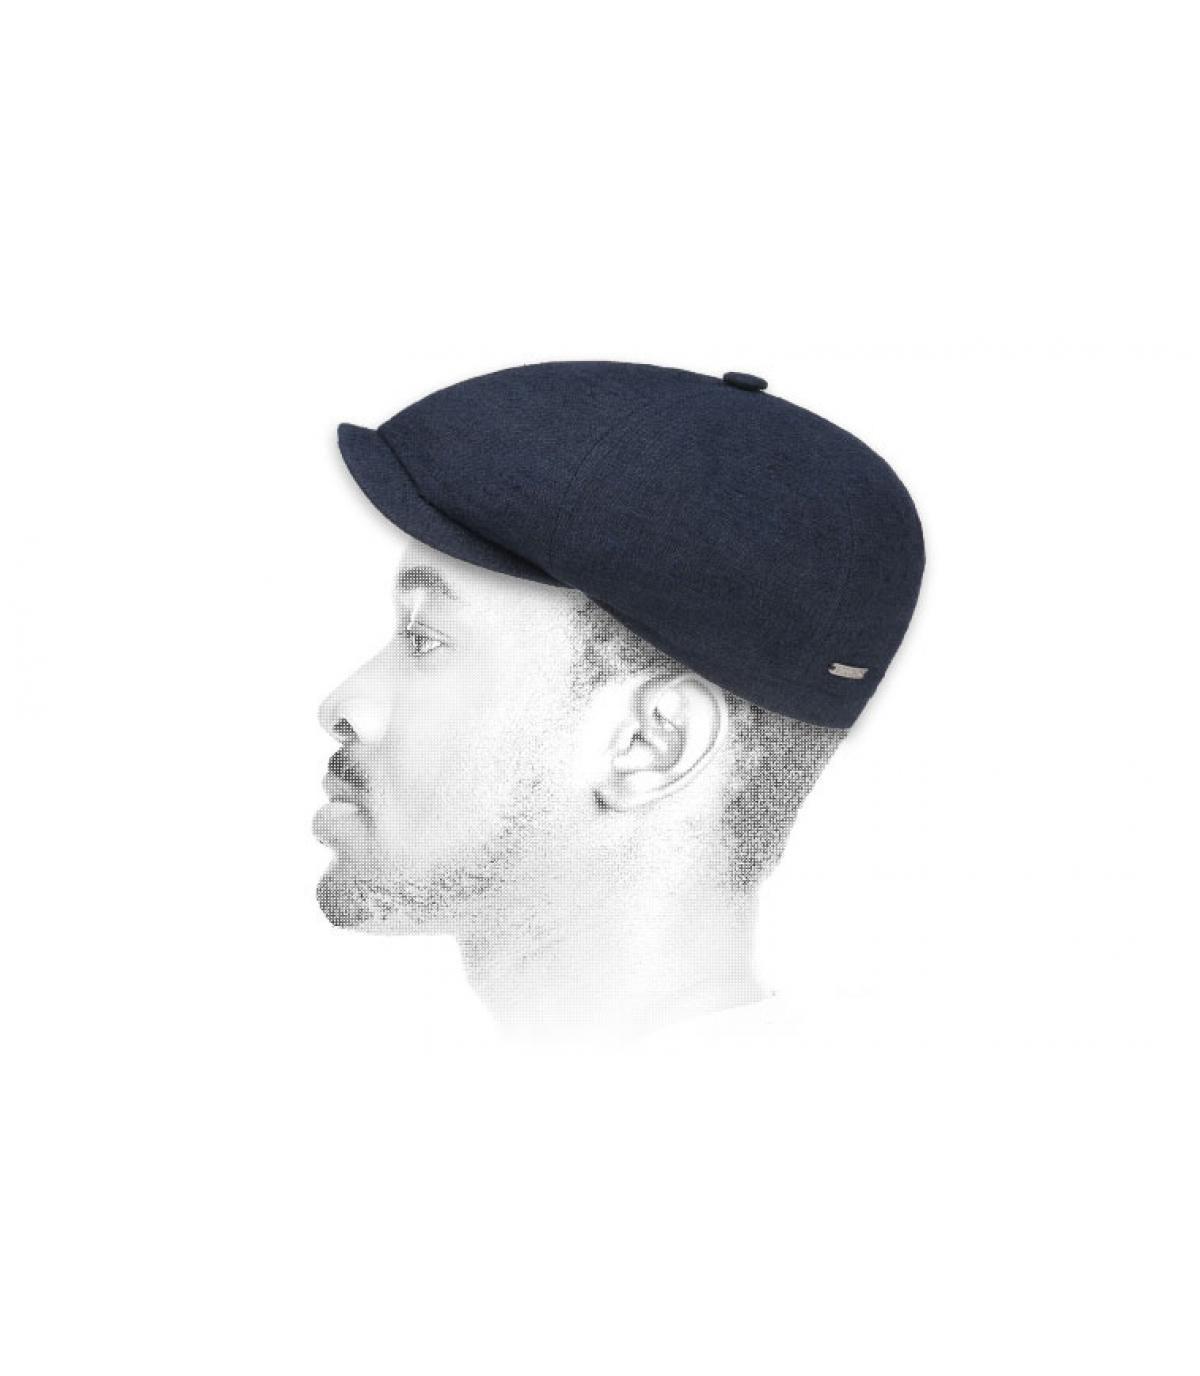 Stetson navy blue linen silk newsboy cap